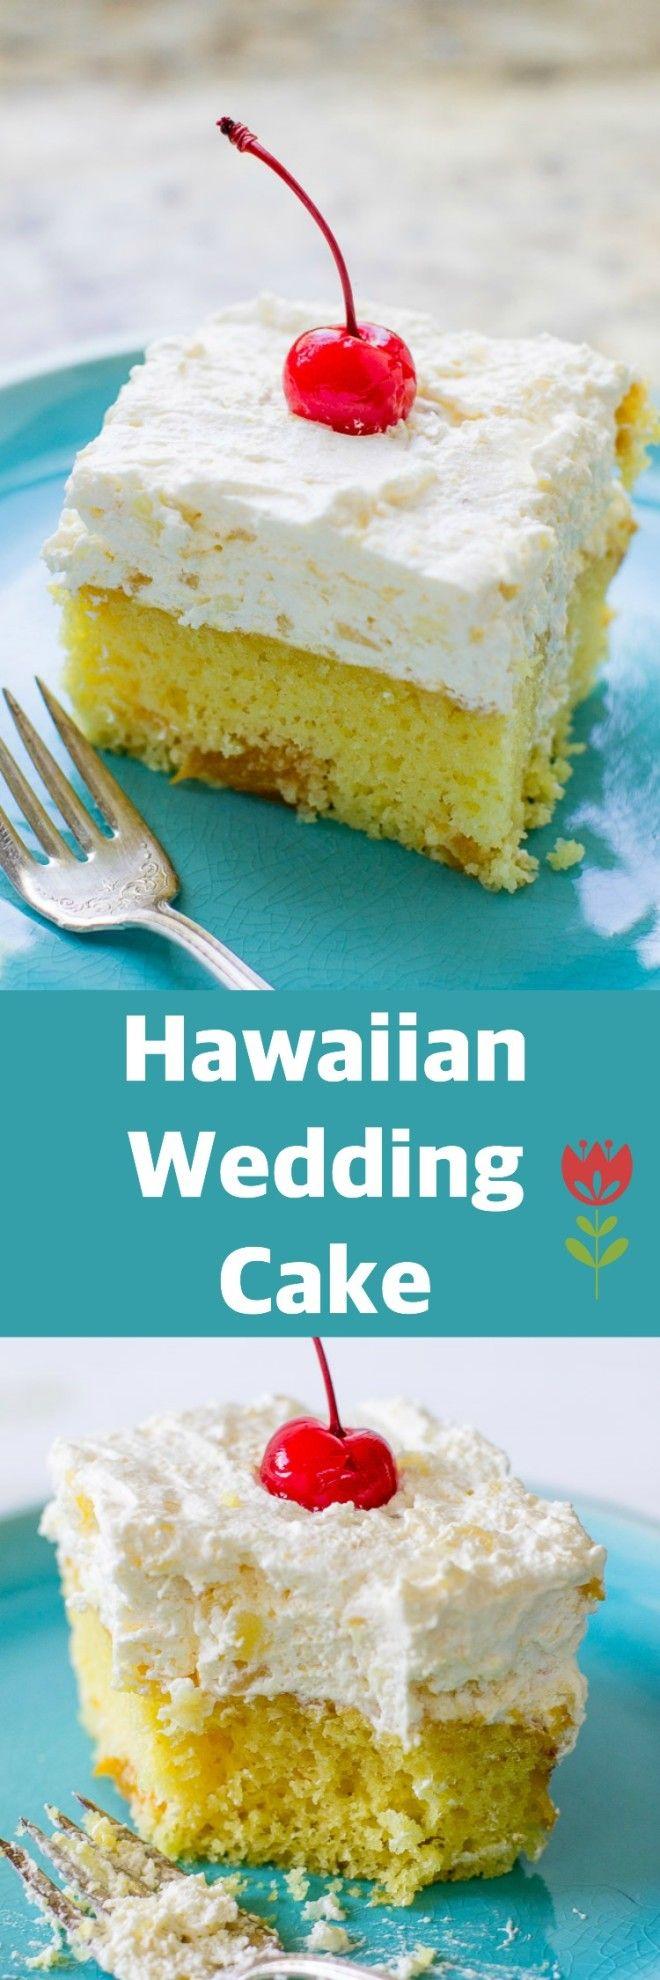 Hawaiian Wedding Cake Recipe Wedding, Hawaiian wedding